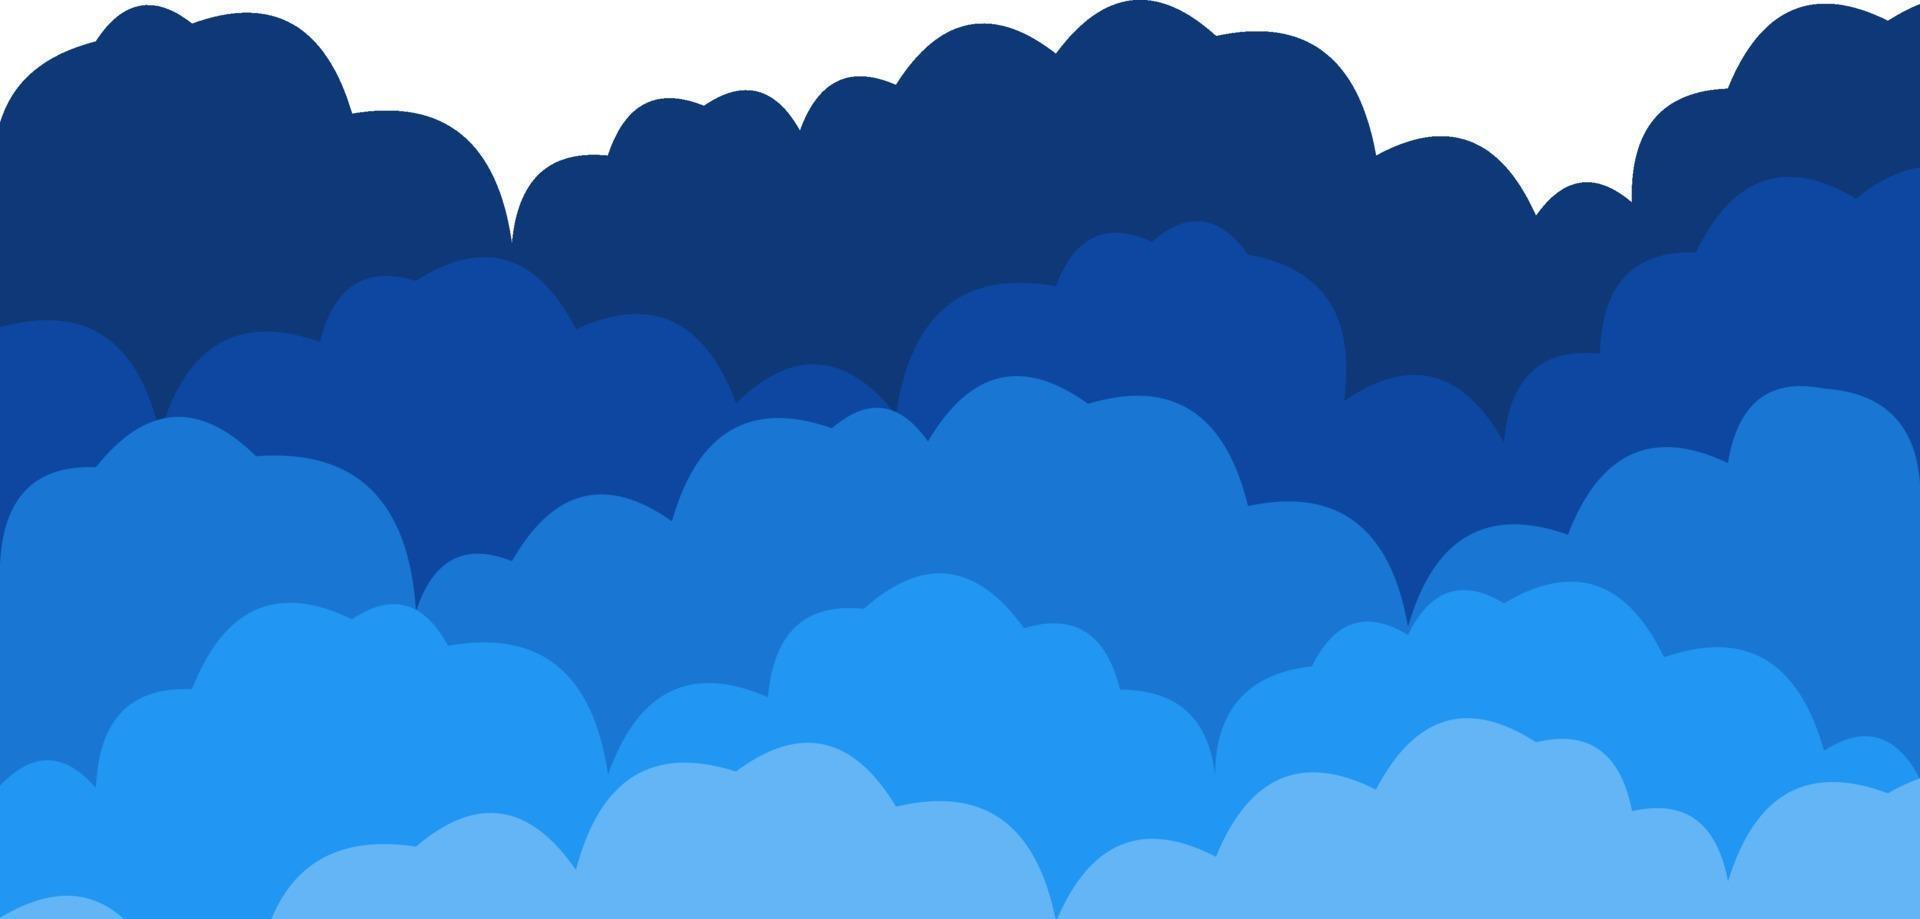 achtergrond van vijf rijen kleurrijke wolken vector